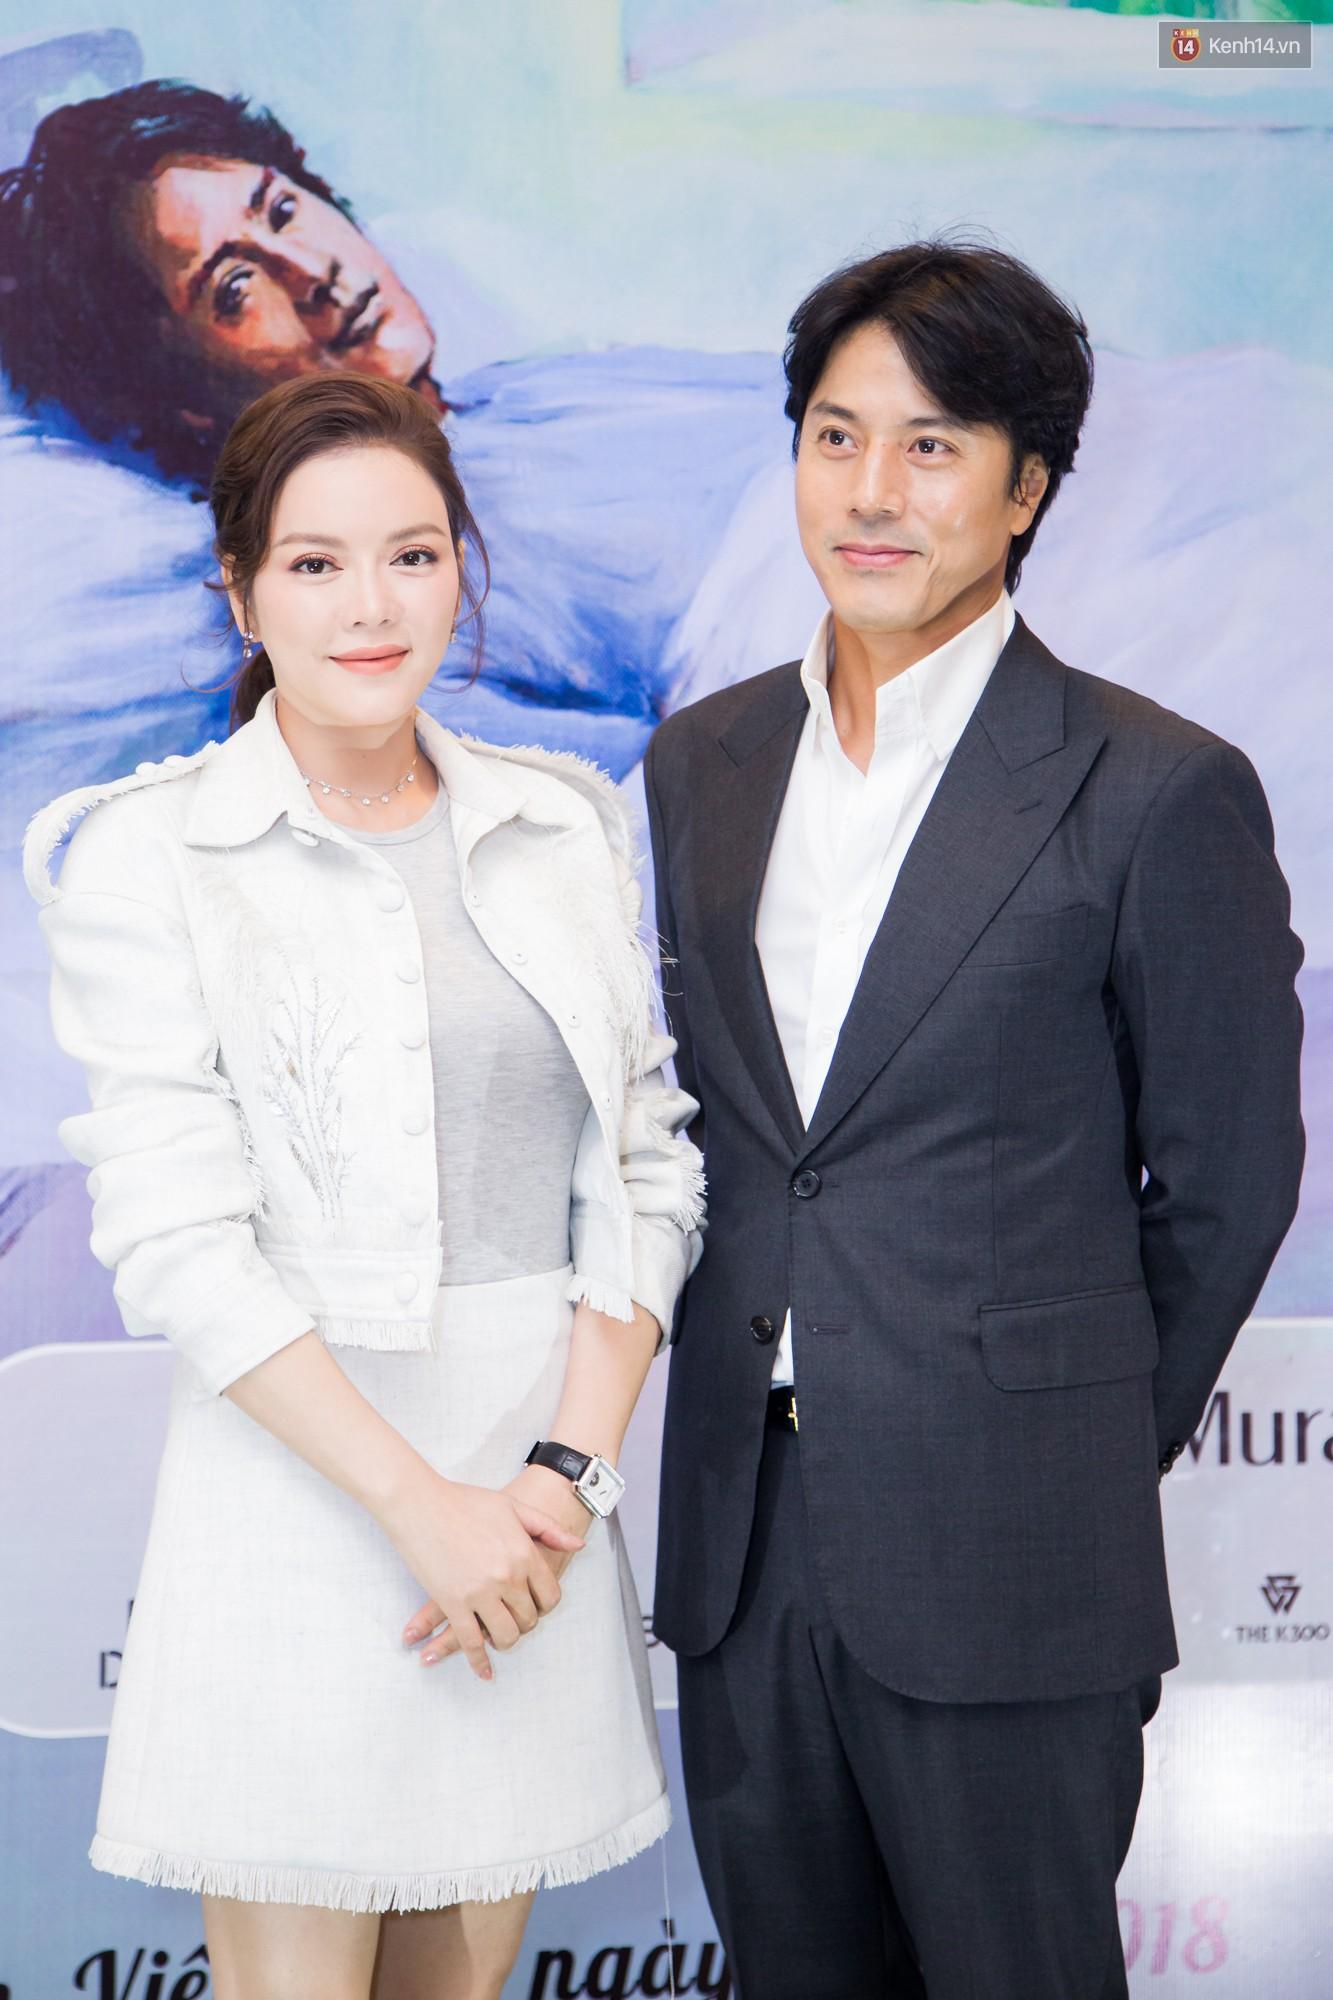 Tài tử Giày Thủy Tinh Han Jae Suk mặt lạnh như tiền ở buổi công bố dự án hợp tác cùng Lý Nhã Kỳ - Ảnh 5.